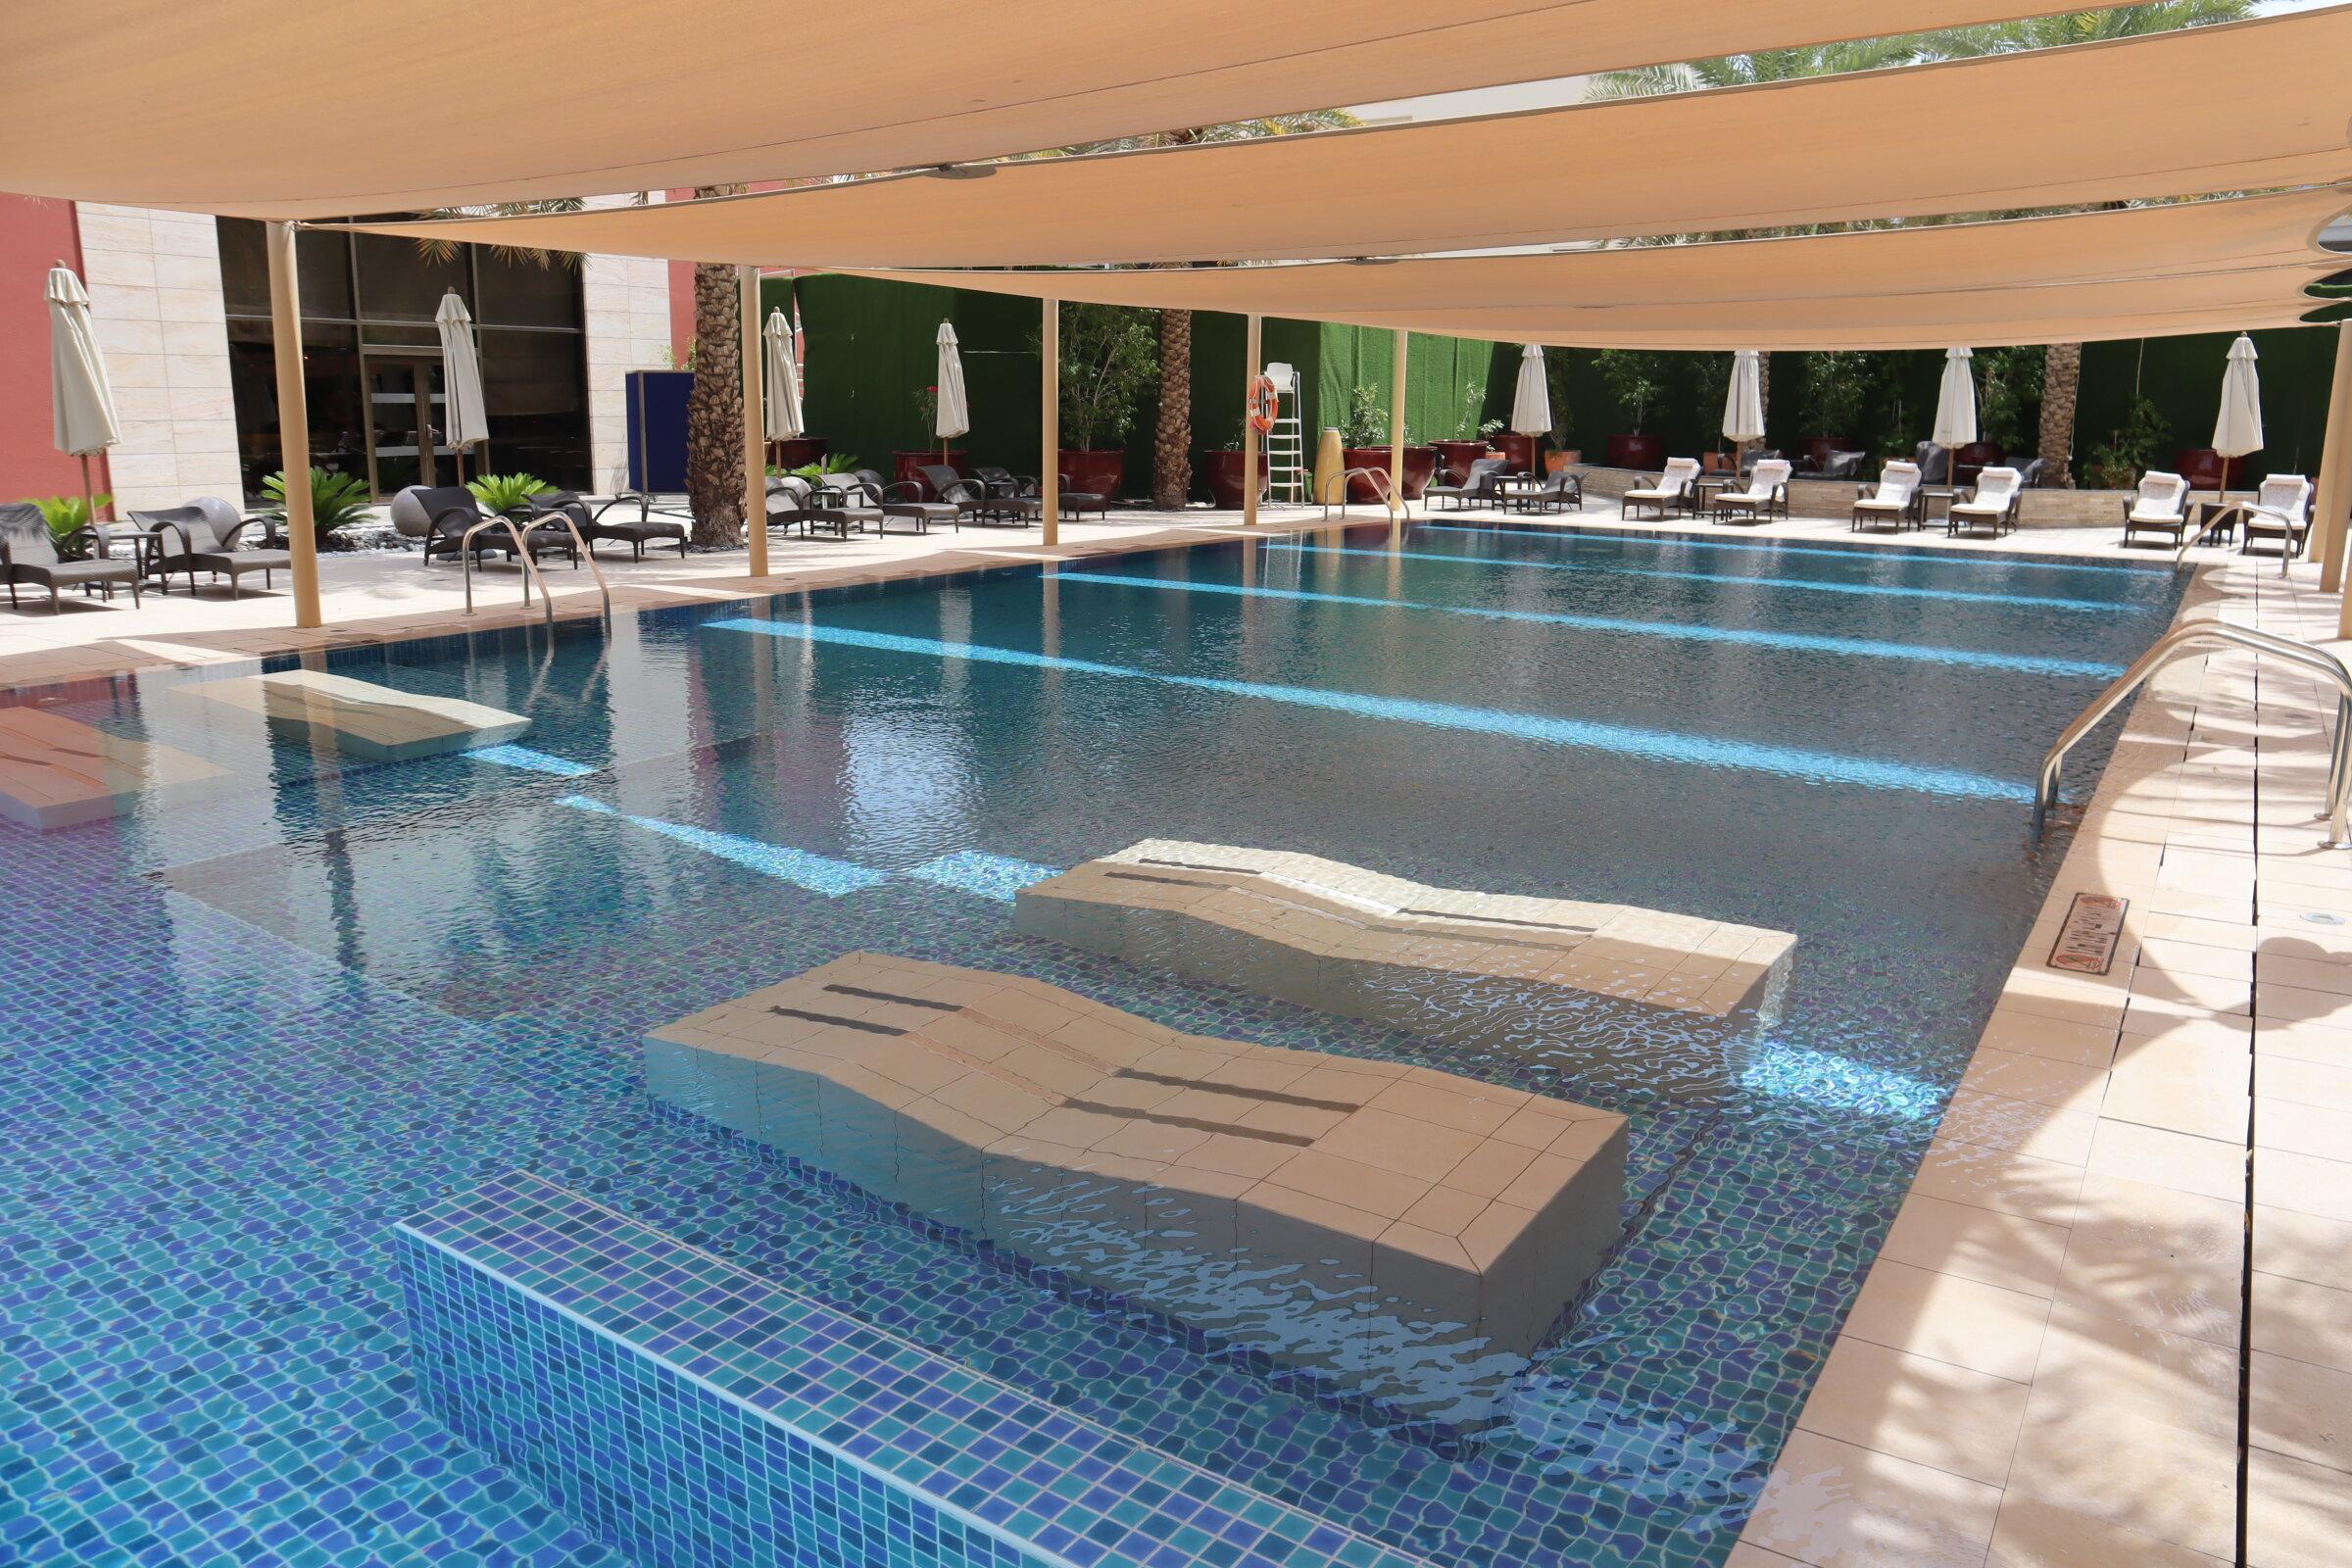 Sheraton Oman – Outdoor pool